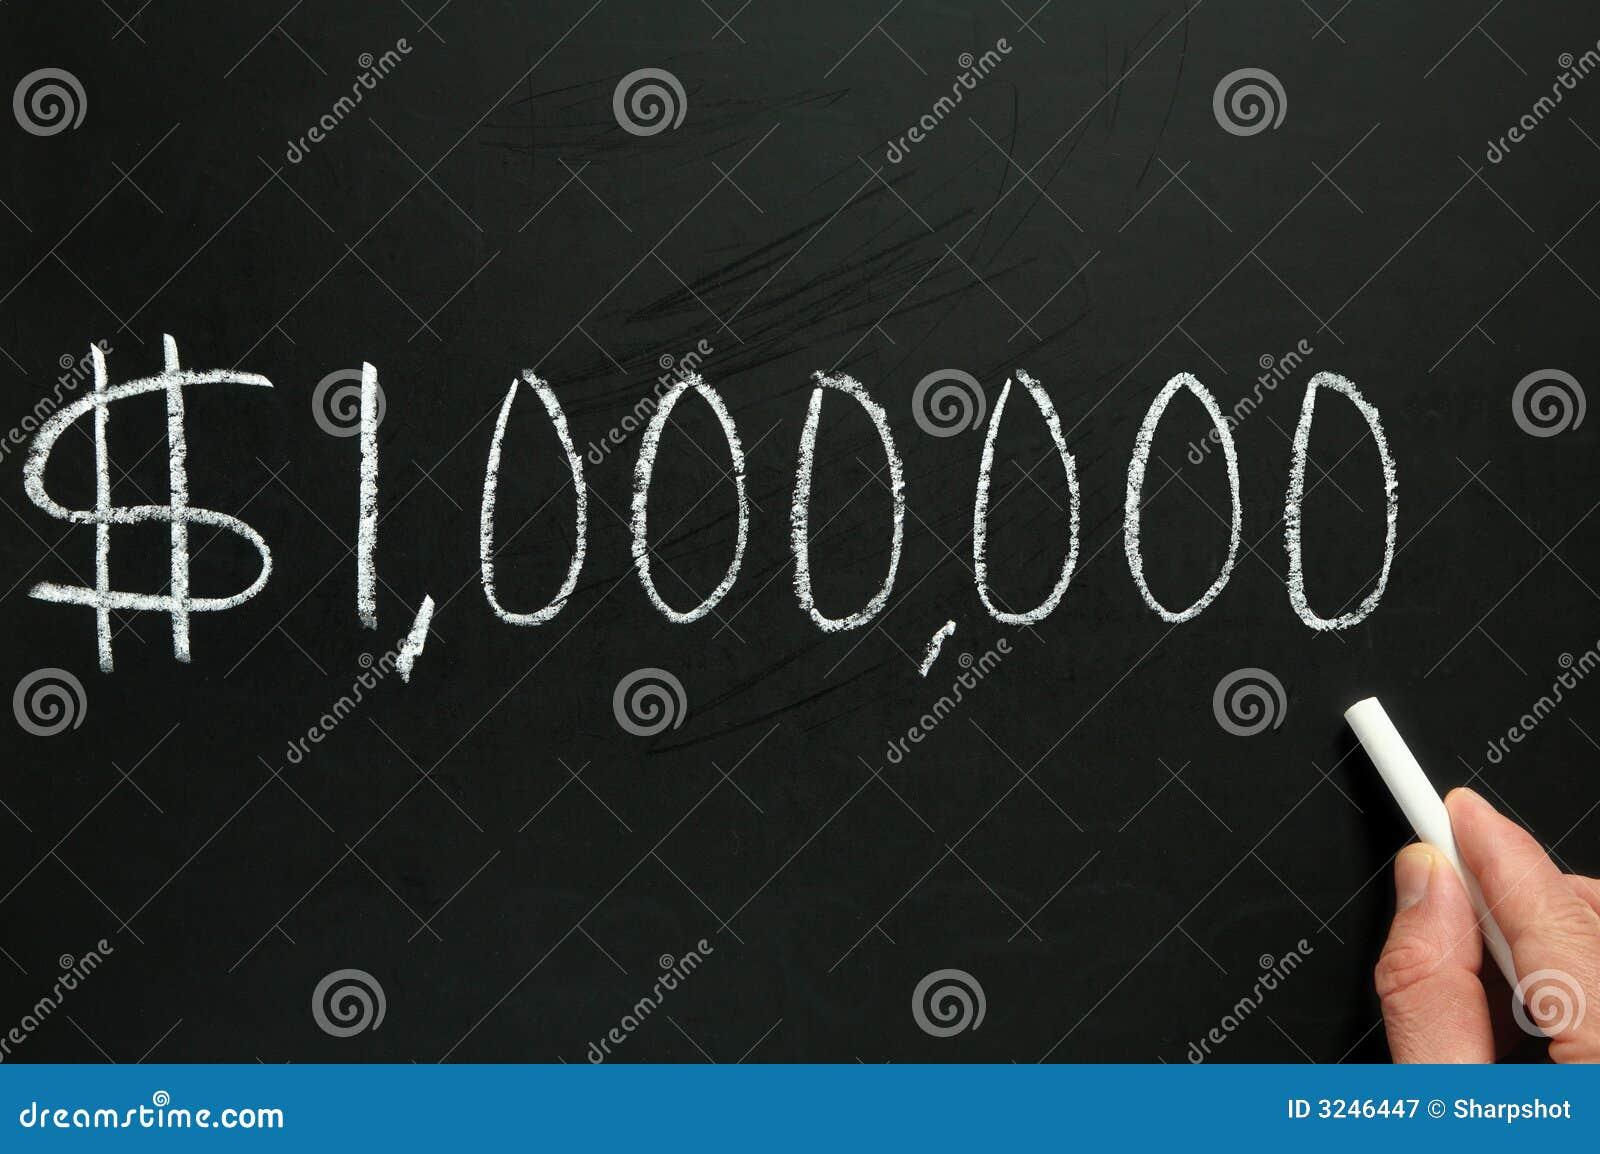 One million dollars.